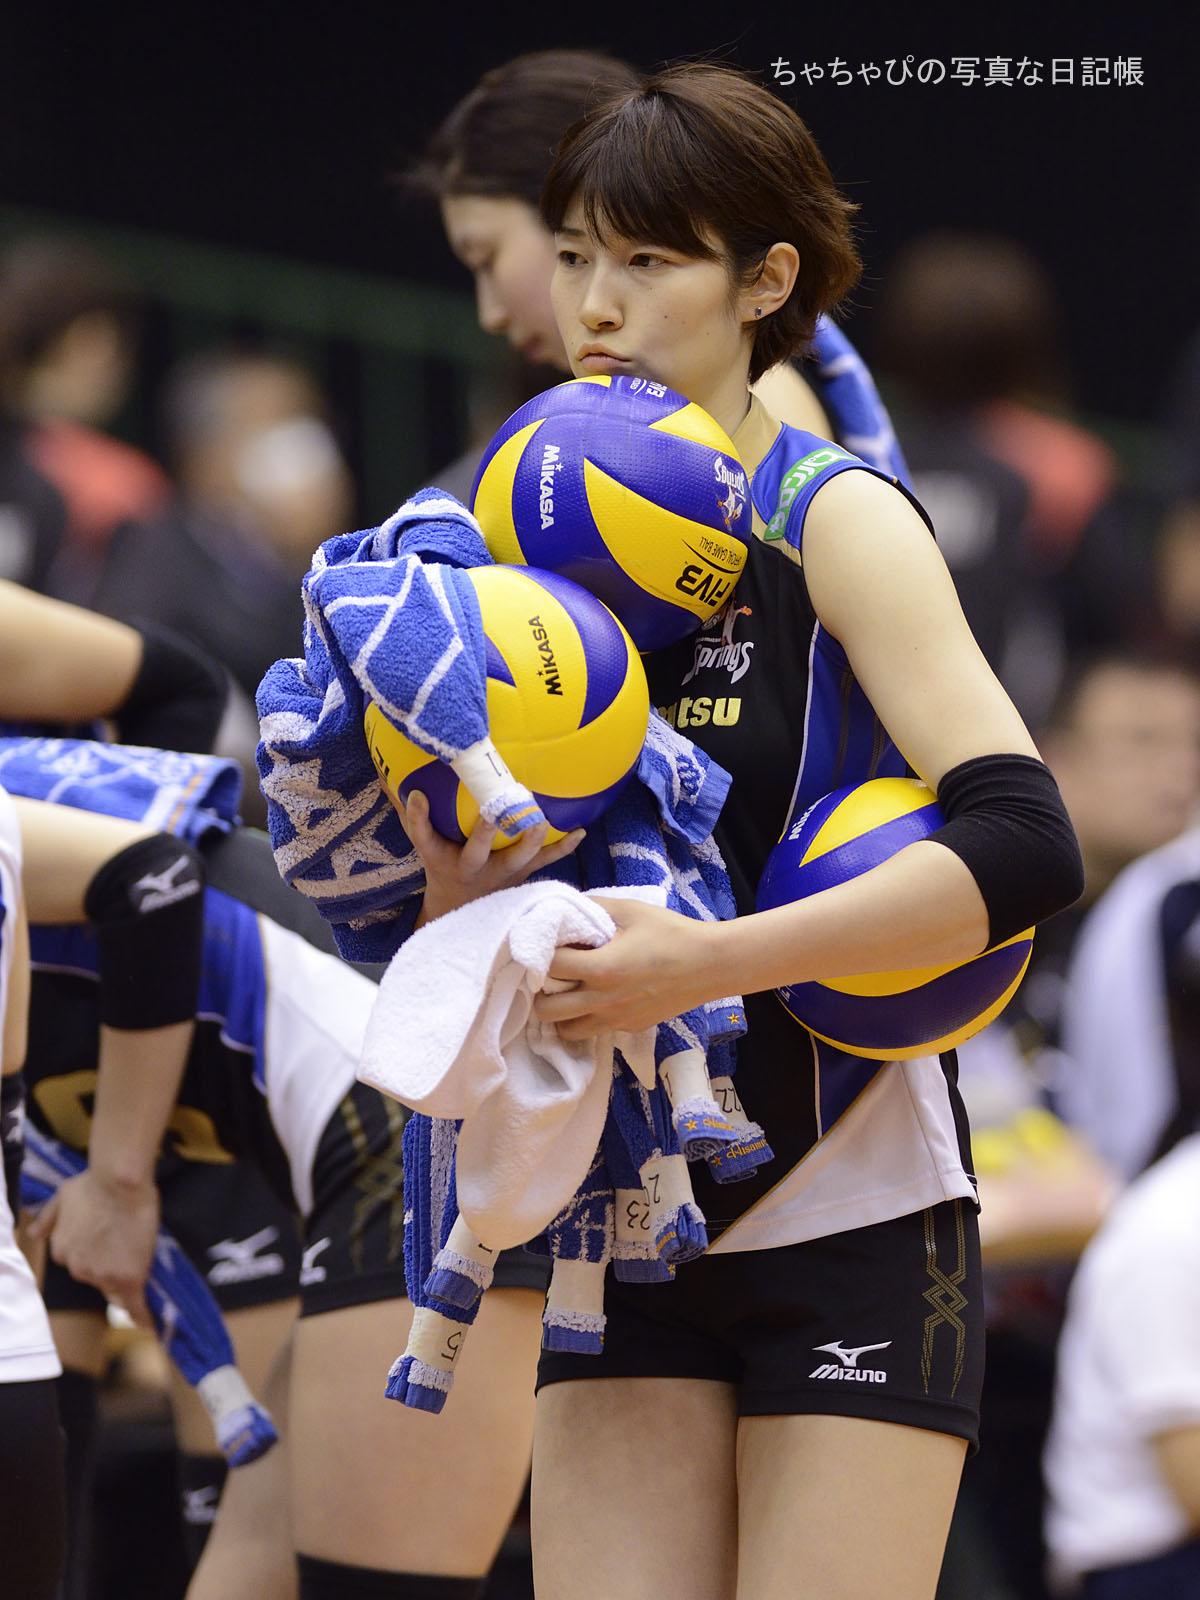 狩野舞子選手